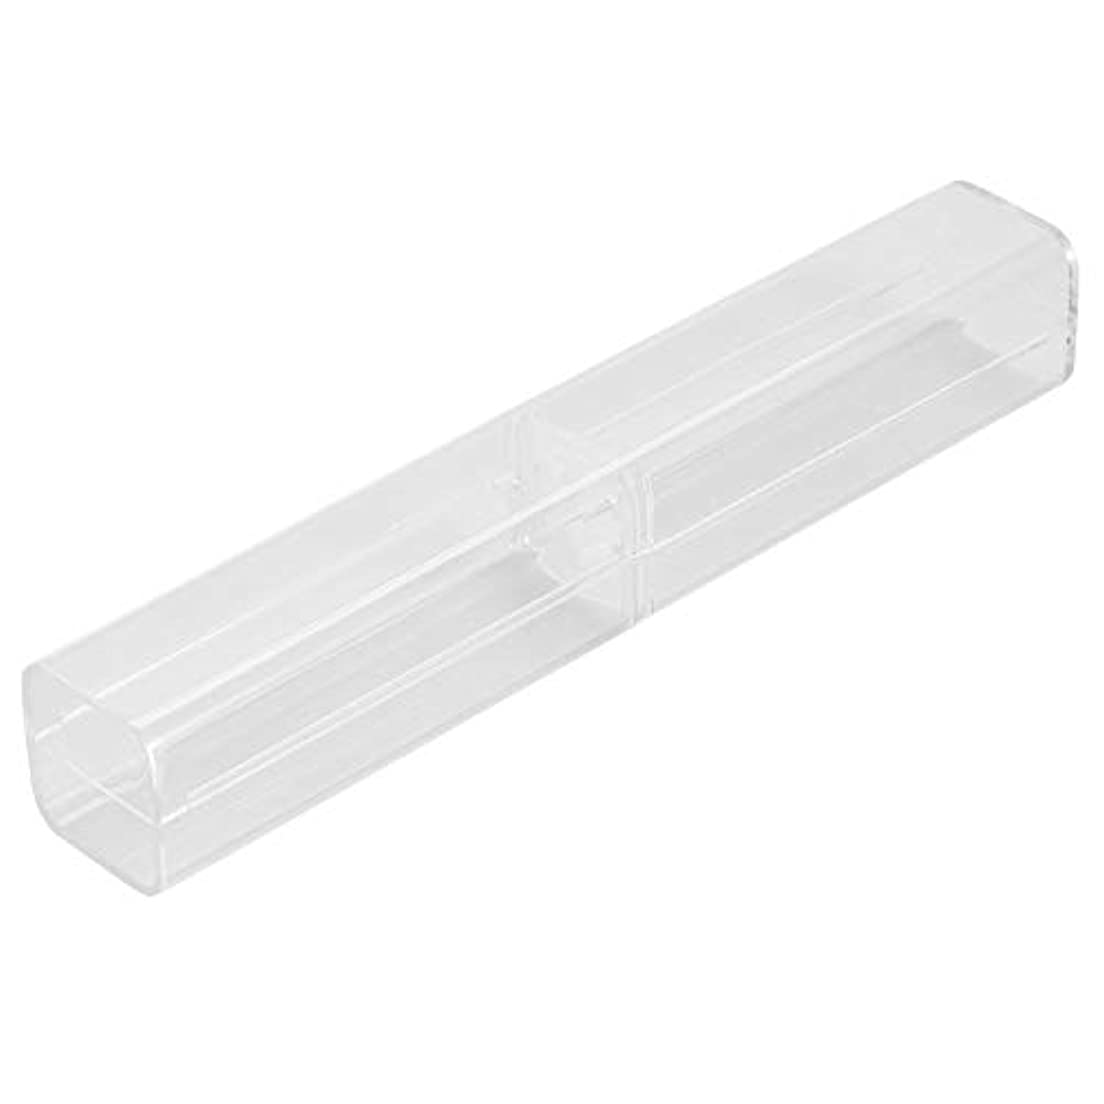 摂動規模割り当てます1ピース収納ボックス - 手動ペン眉毛タトゥークリアケース透明収納ボックス、収納ボックス - タトゥーコンテナ